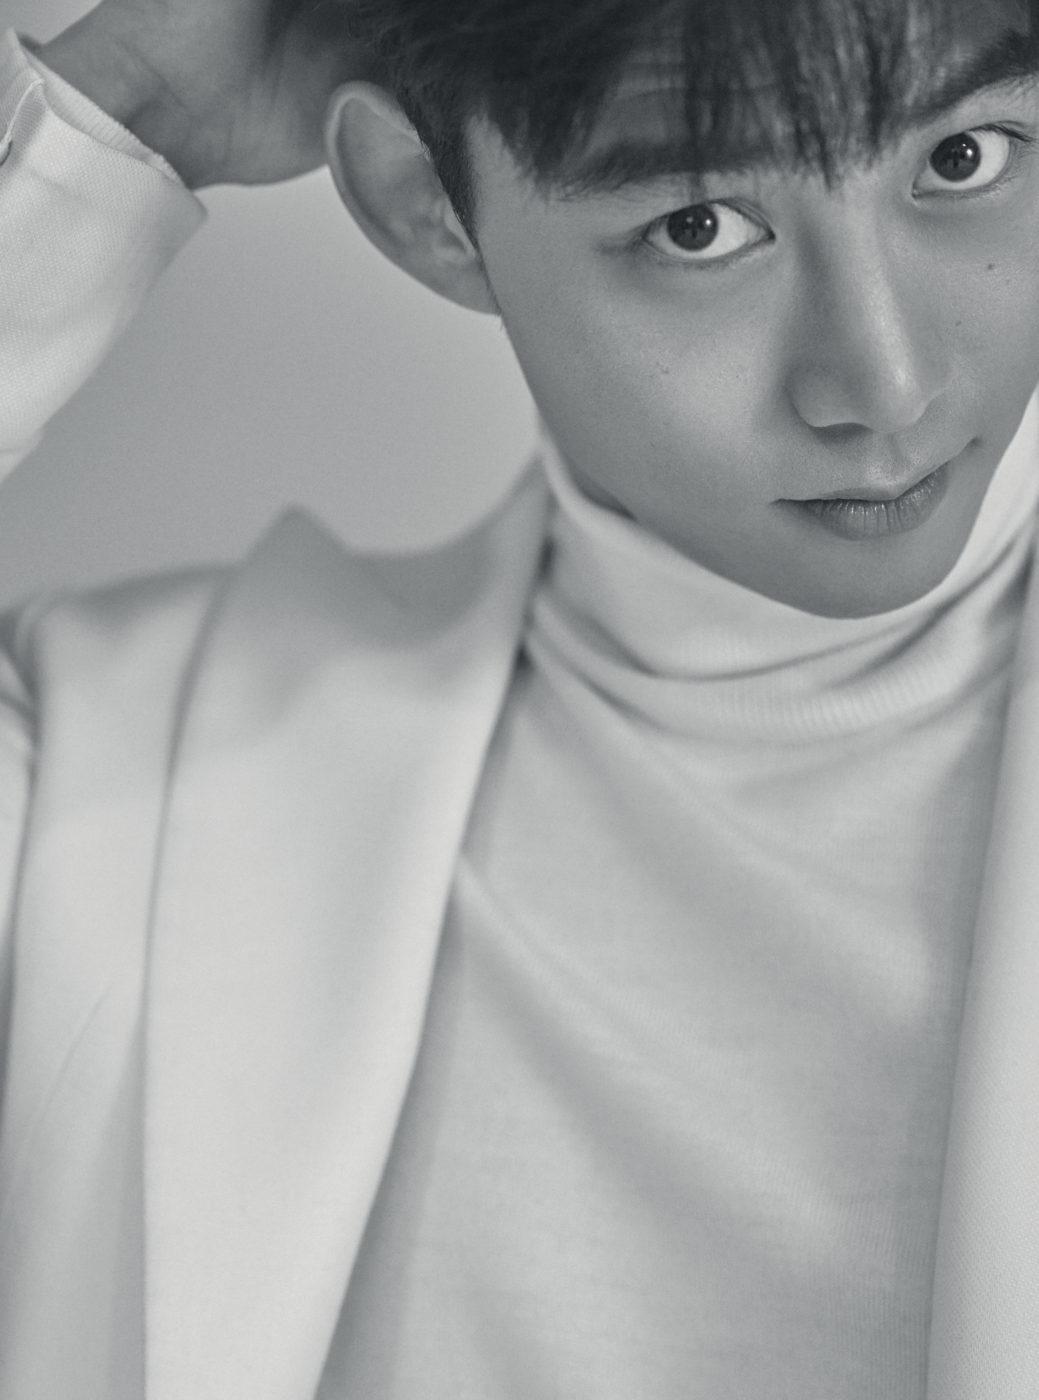 2PM Korean Boy Group